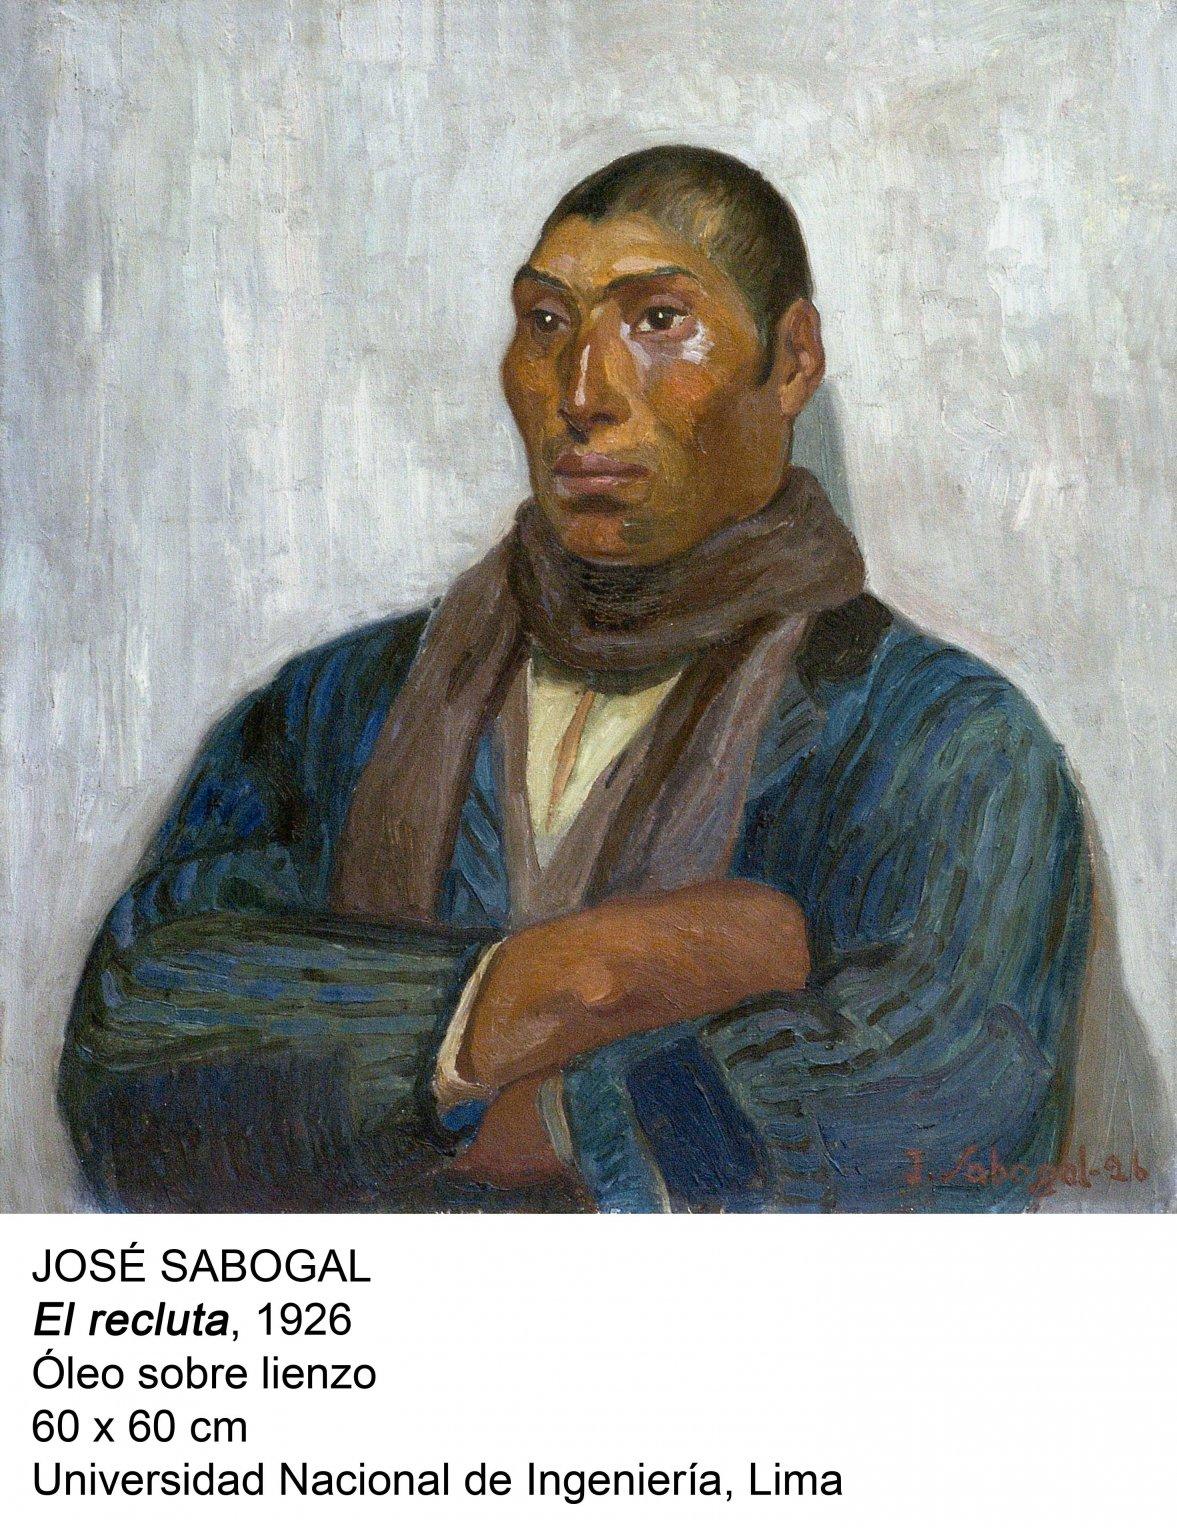 El recluta (1926) - José Sabogal